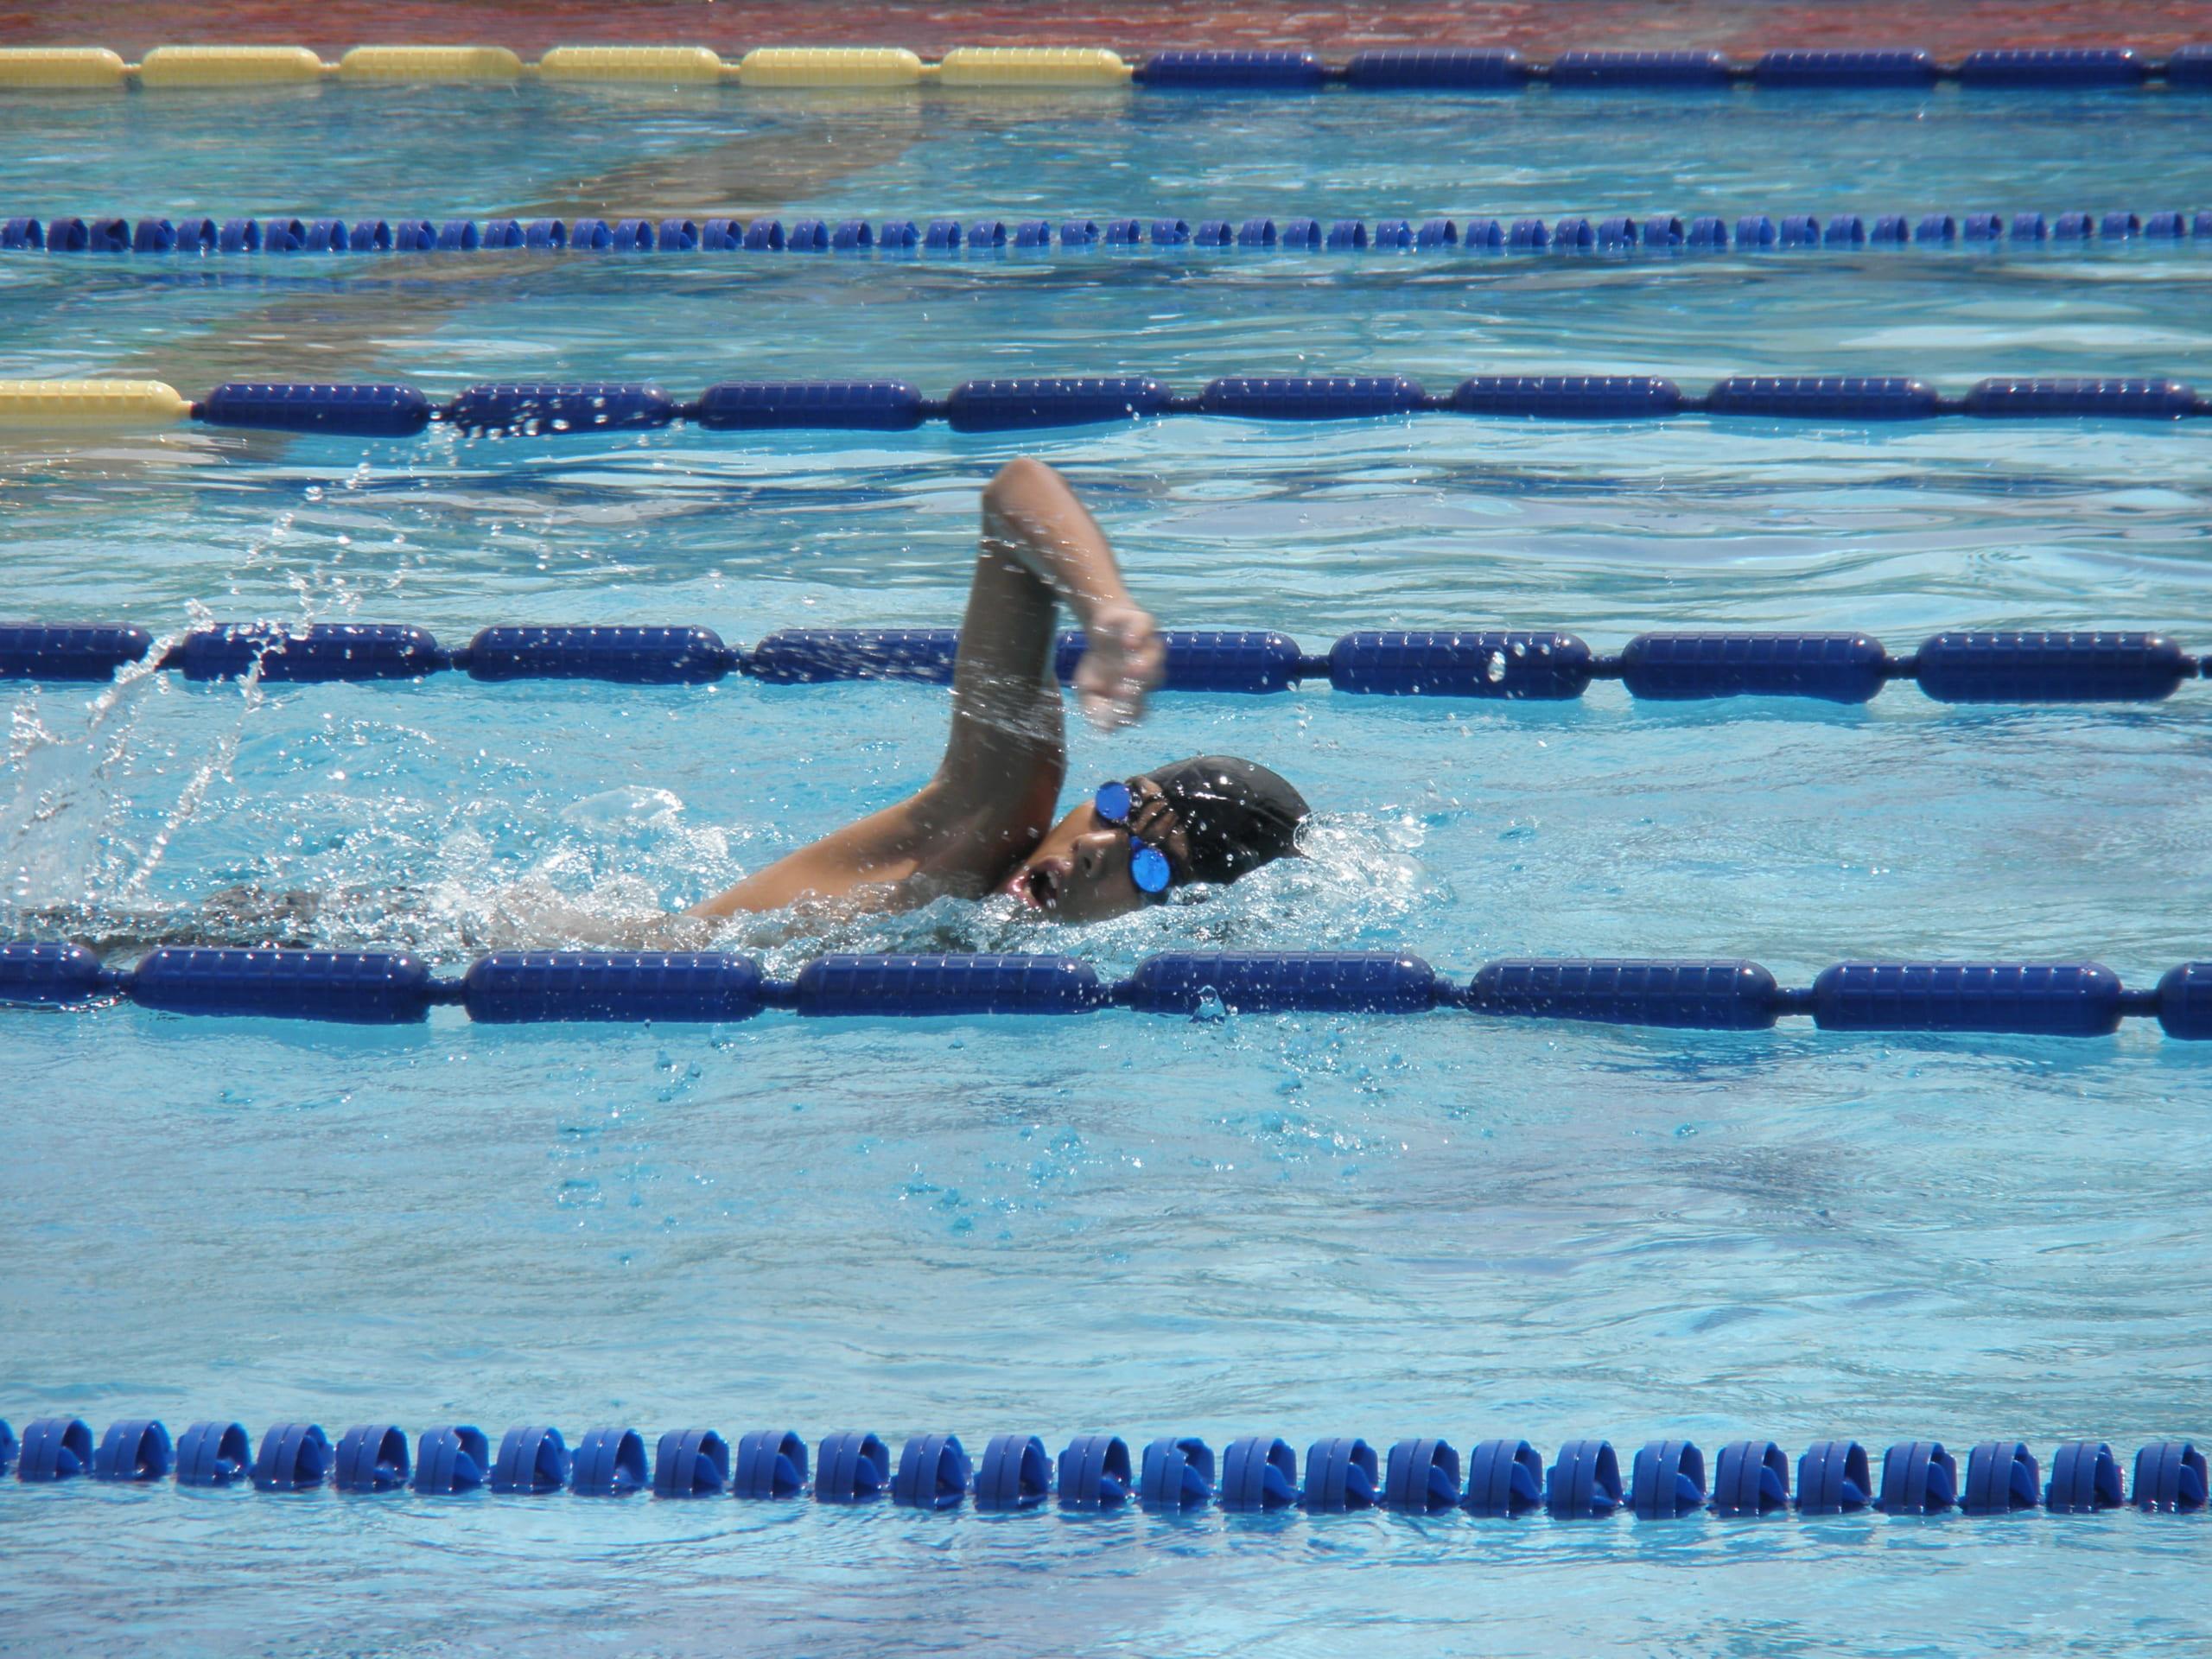 学校にプールは世界的にまれな話?日本のプールに外国の賞賛の嵐?<br />日本が競泳大国なのは学校プールのおかげ!?